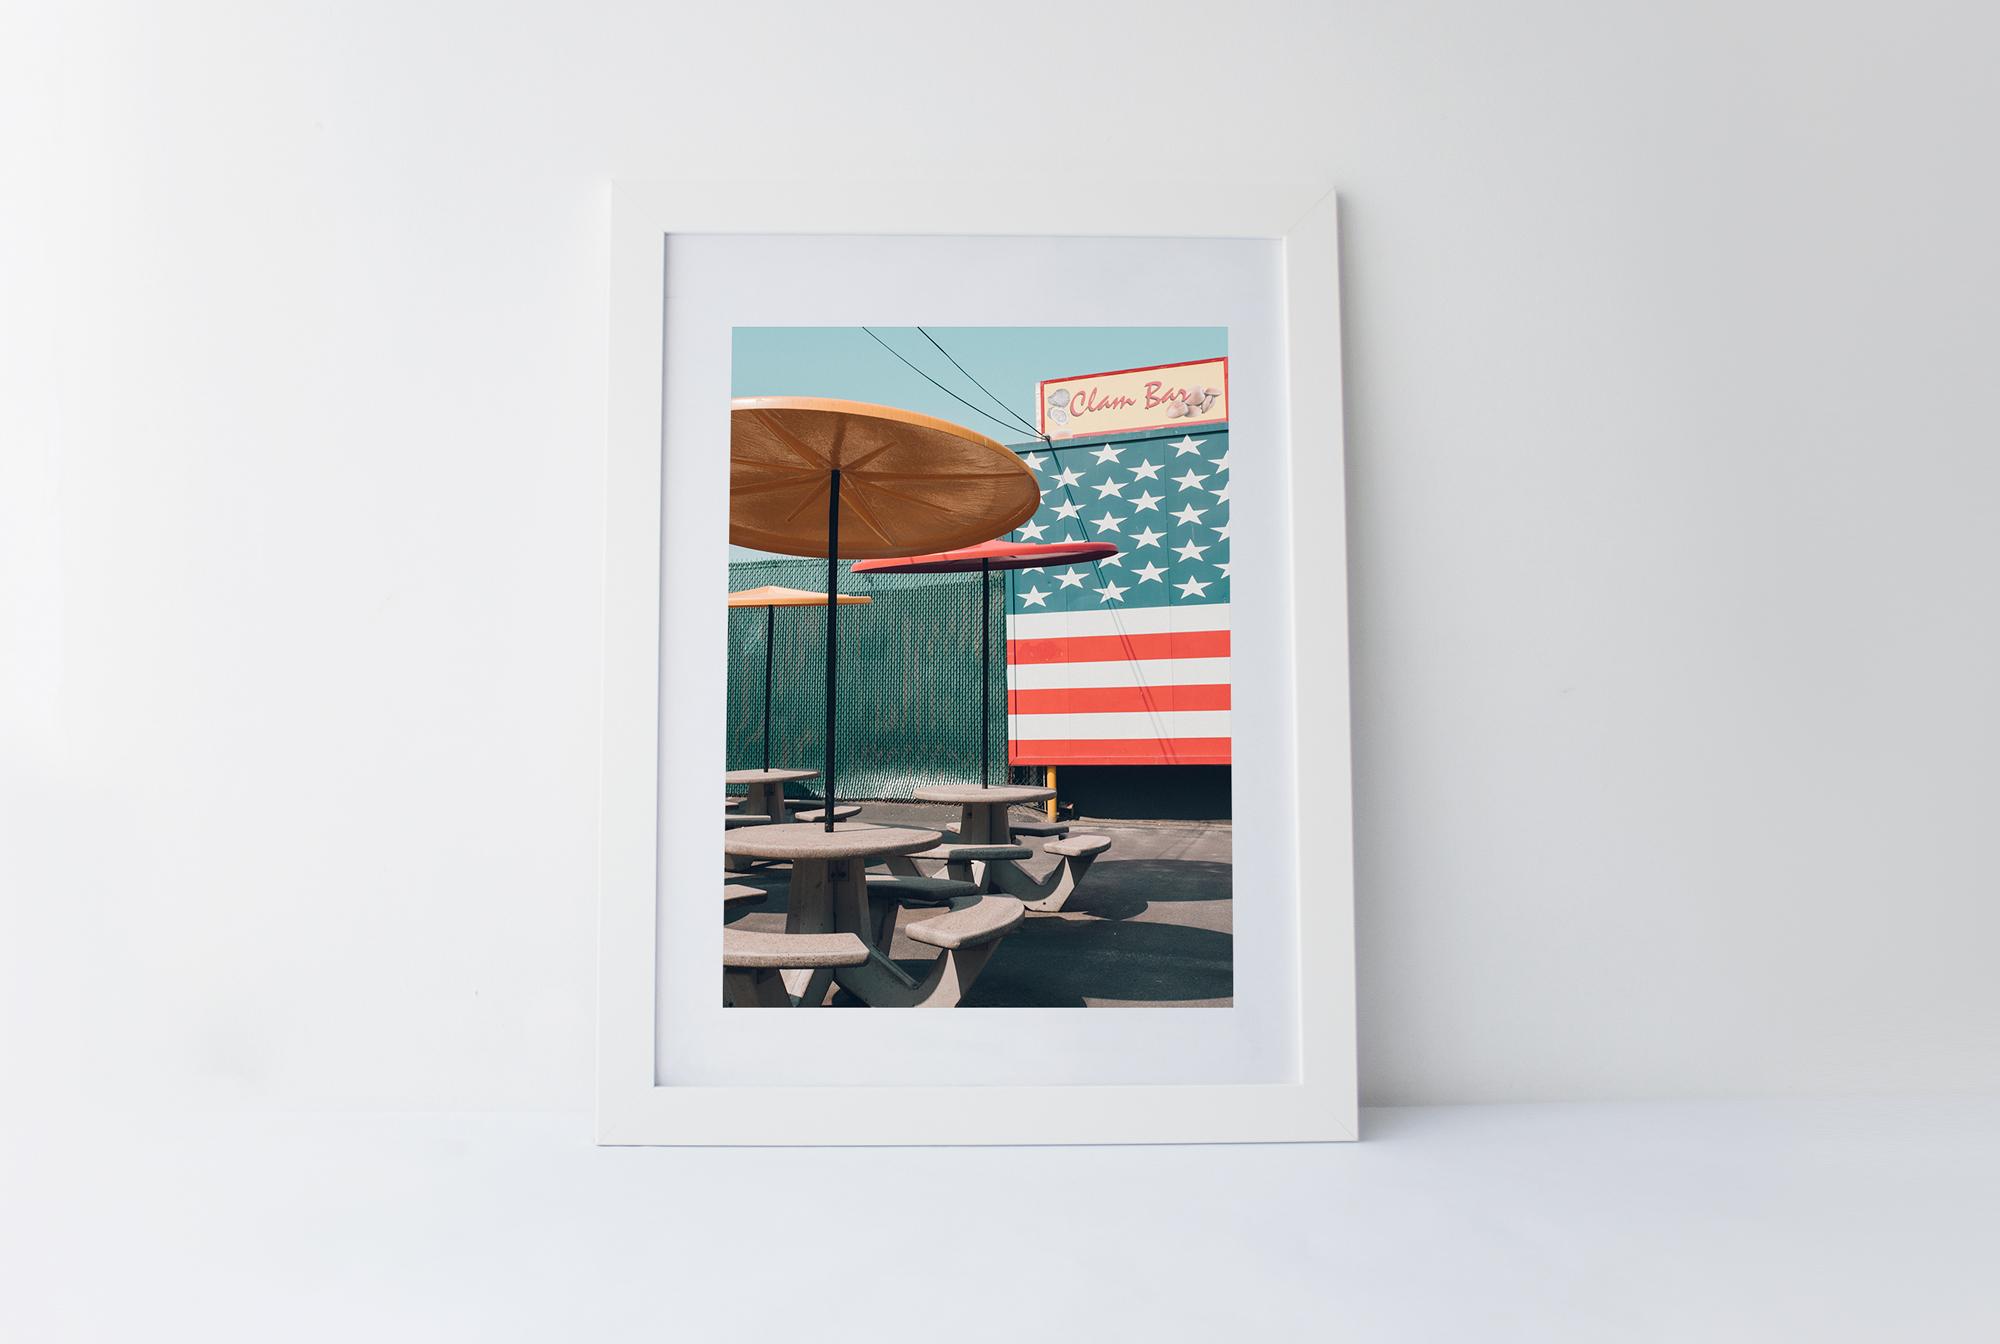 Clam bar   40cm x 60cm print Frame included